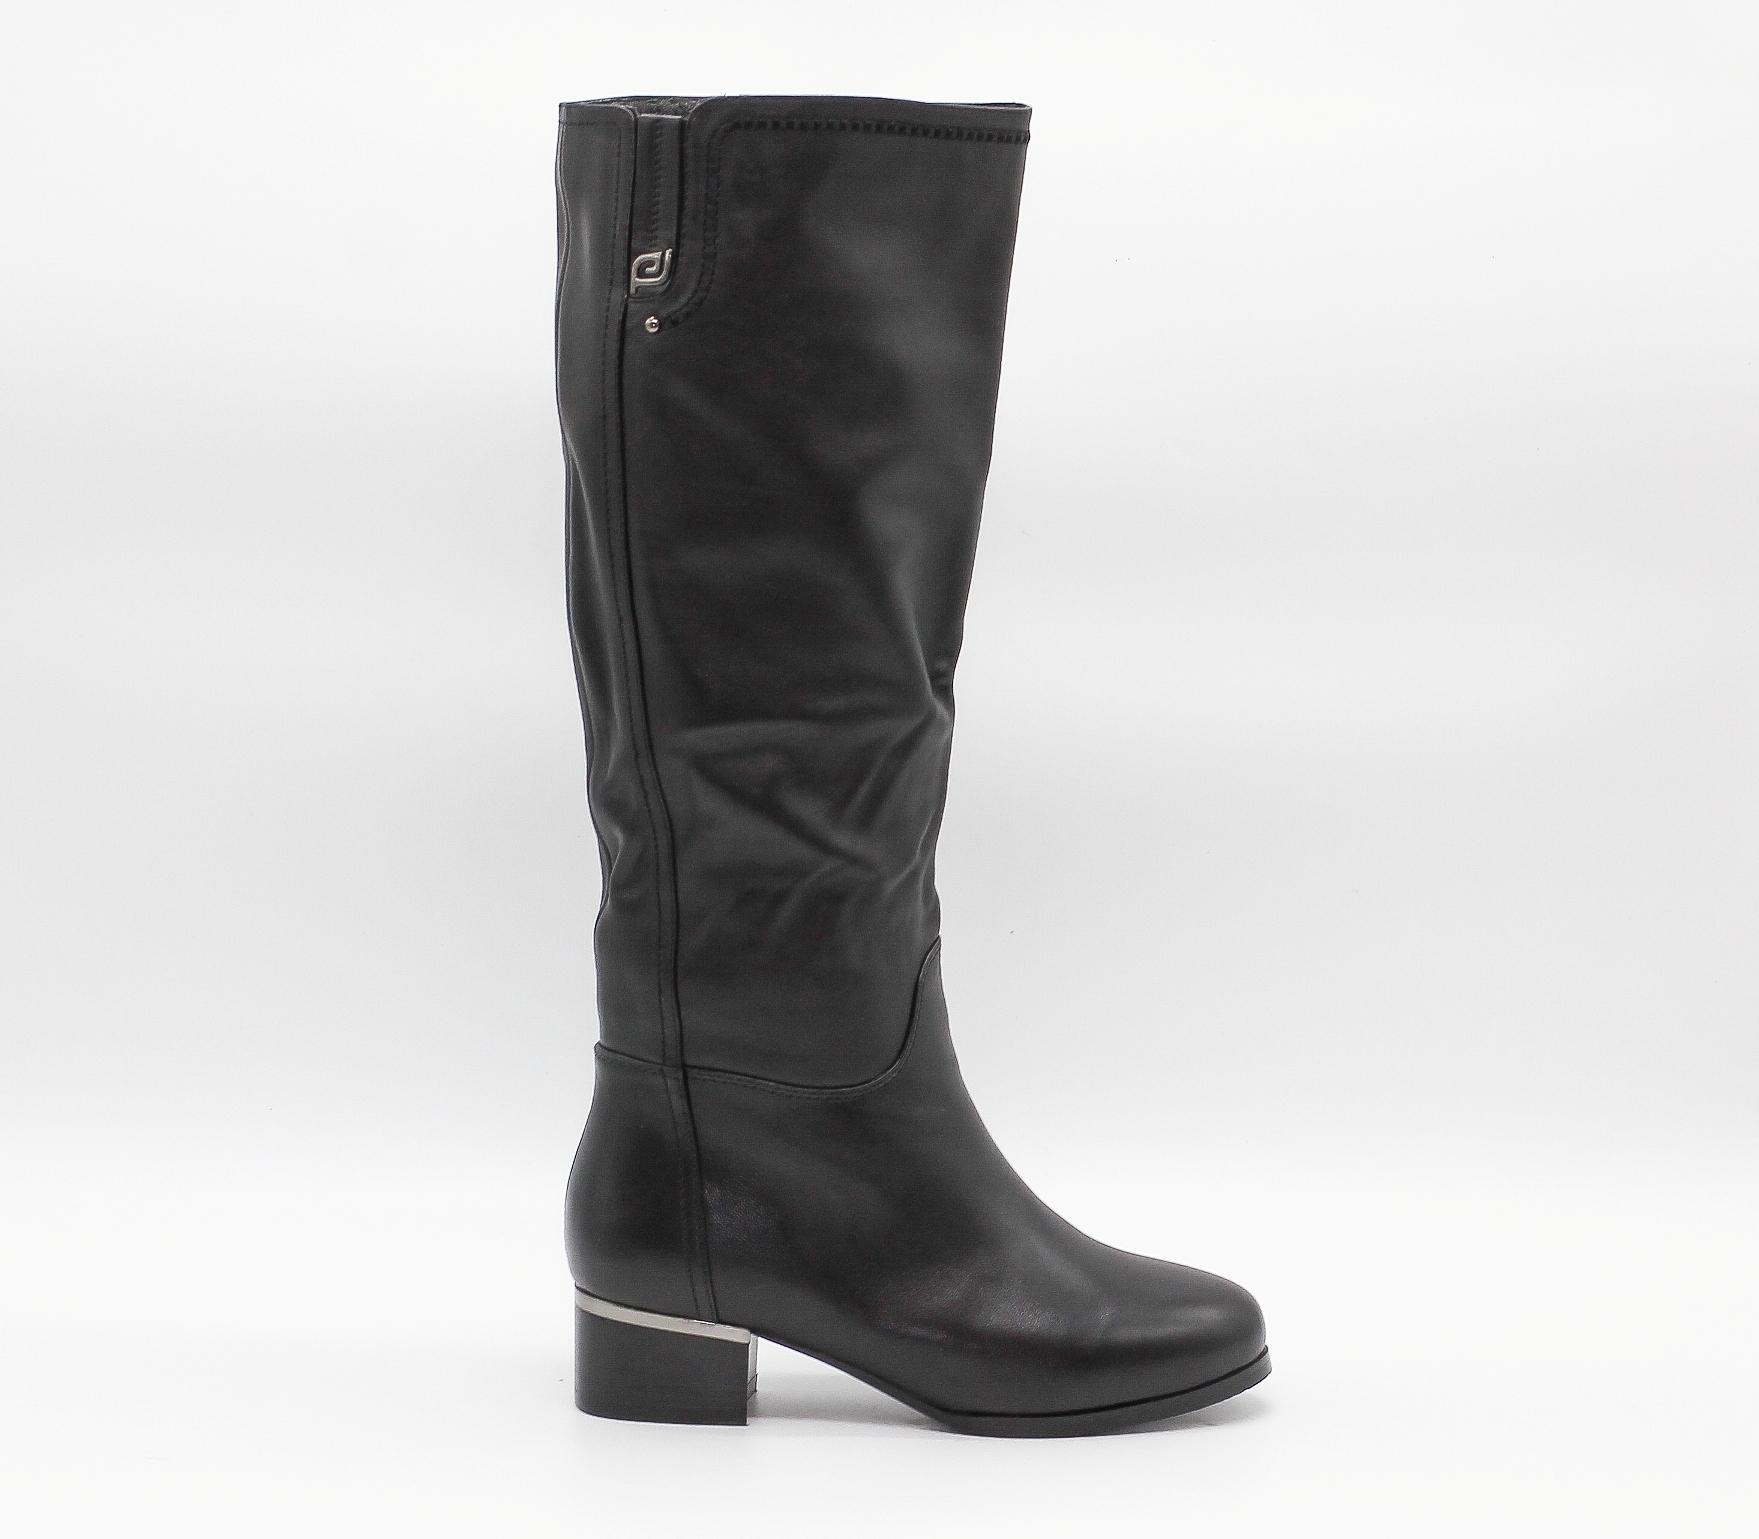 Черные кожаные сапоги на среднем каблуке